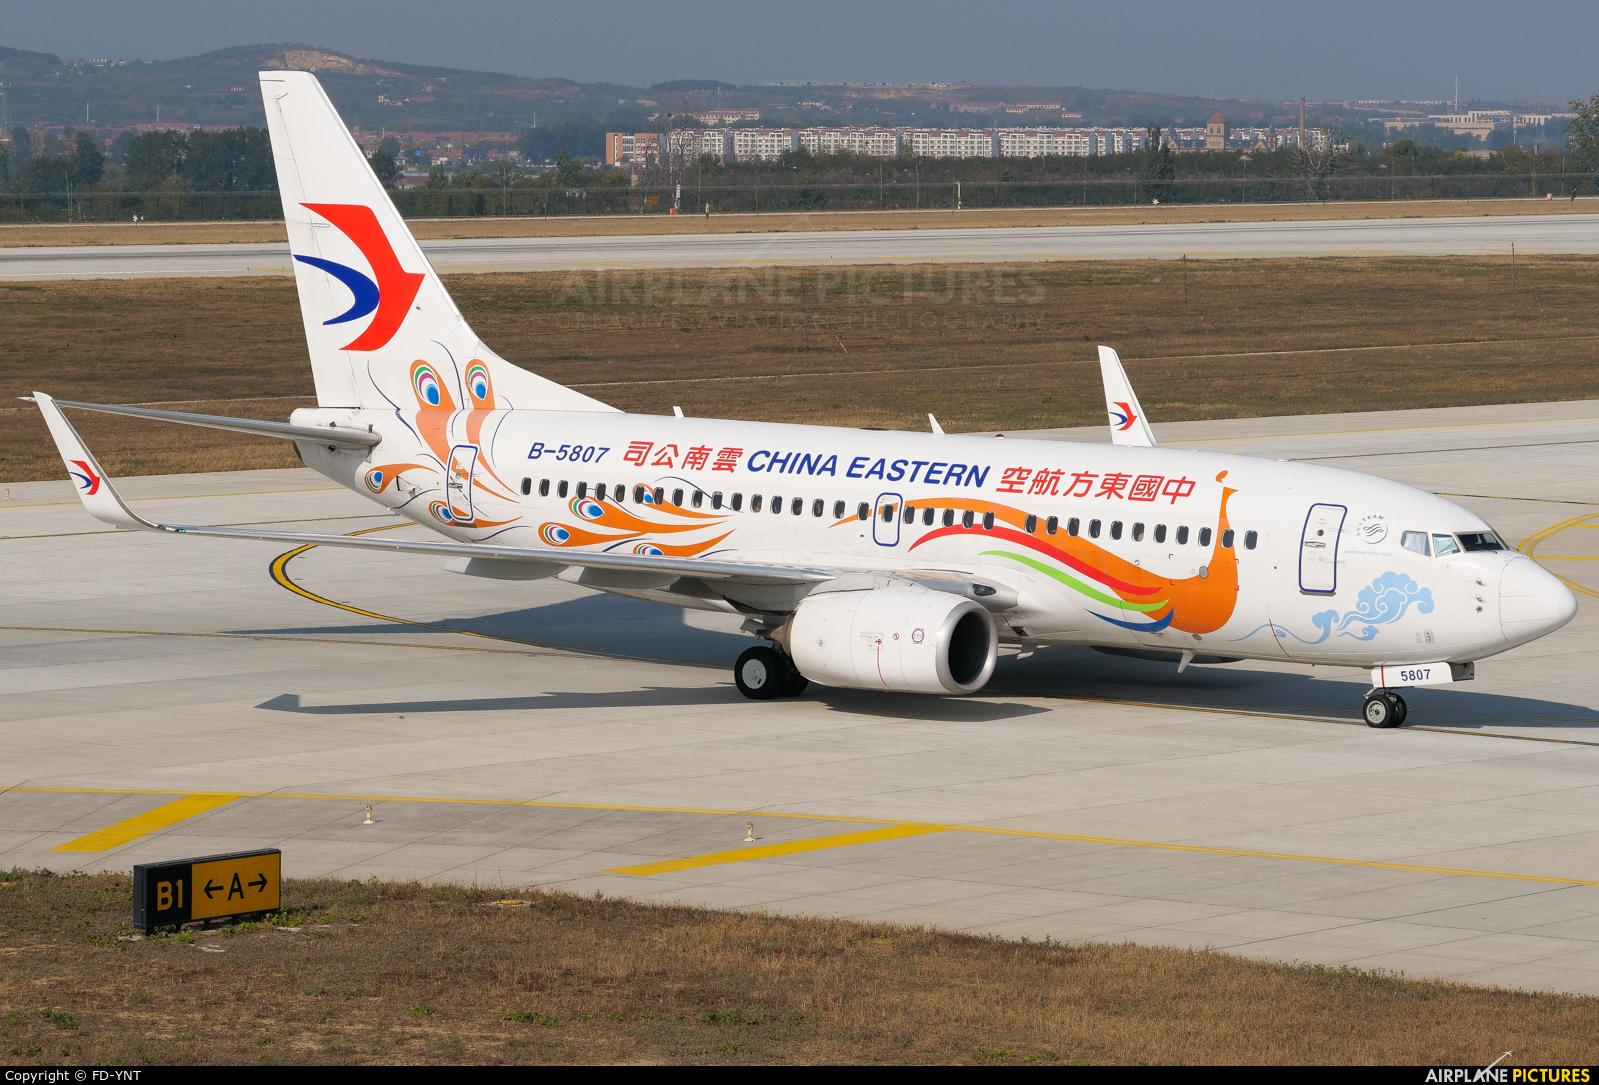 China Eastern Airlines B-5807 aircraft at Yantai Penglai Intl